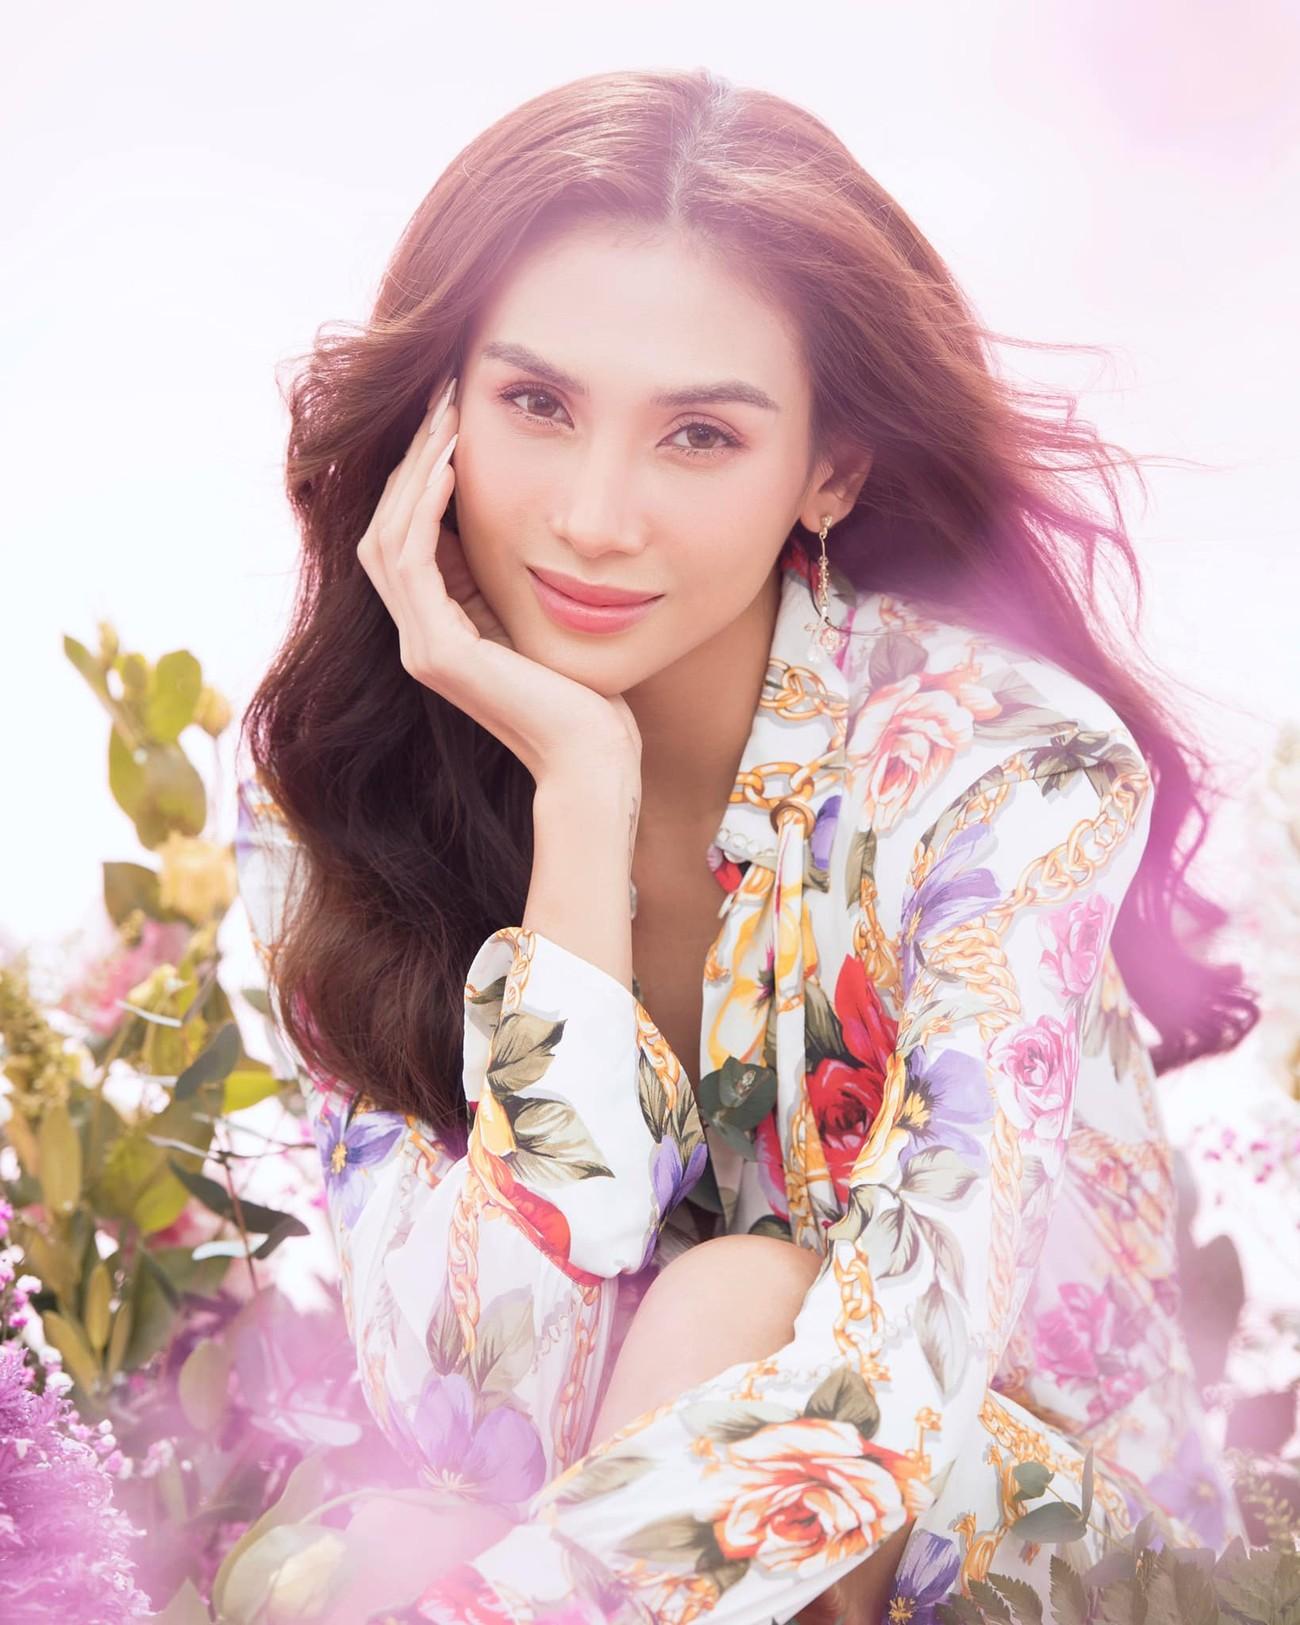 Hoa hậu Đỗ Thị Hà để mặt mộc vẫn đẹp rạng rỡ, H'hen Niê hoá 'nàng Xuân' với áo tứ thân ảnh 6